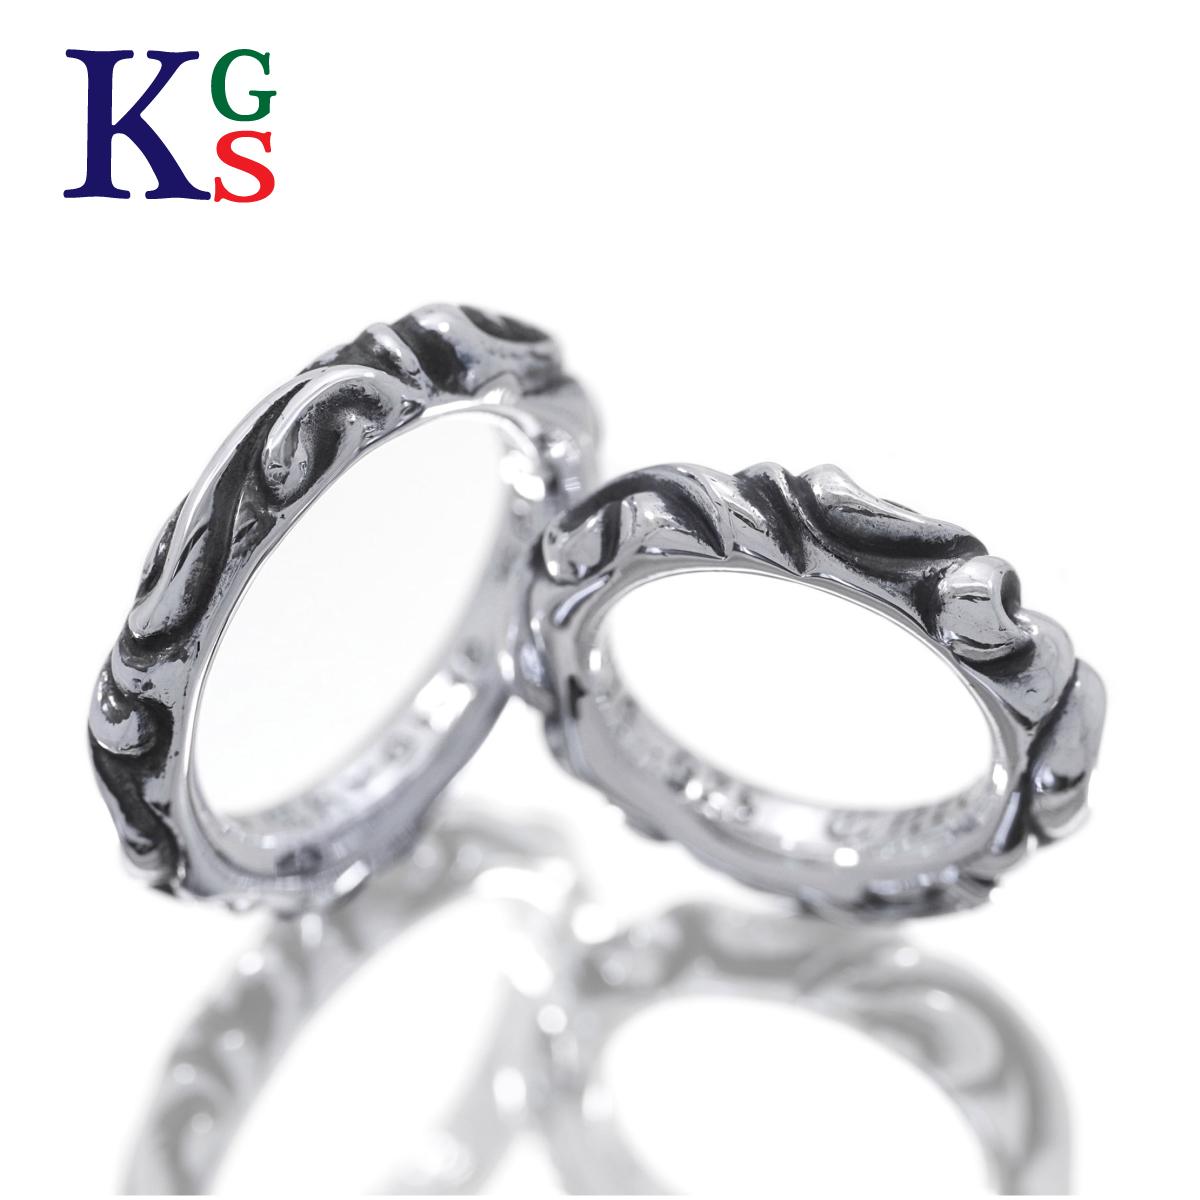 【ギフト品質】クロムハーツ/CHROME HEARTS ジュエリー ペアリング 指輪 メンズ レディース ユニセックス / スクロールバンドリング シルバー Ag925 燻 波モチーフ